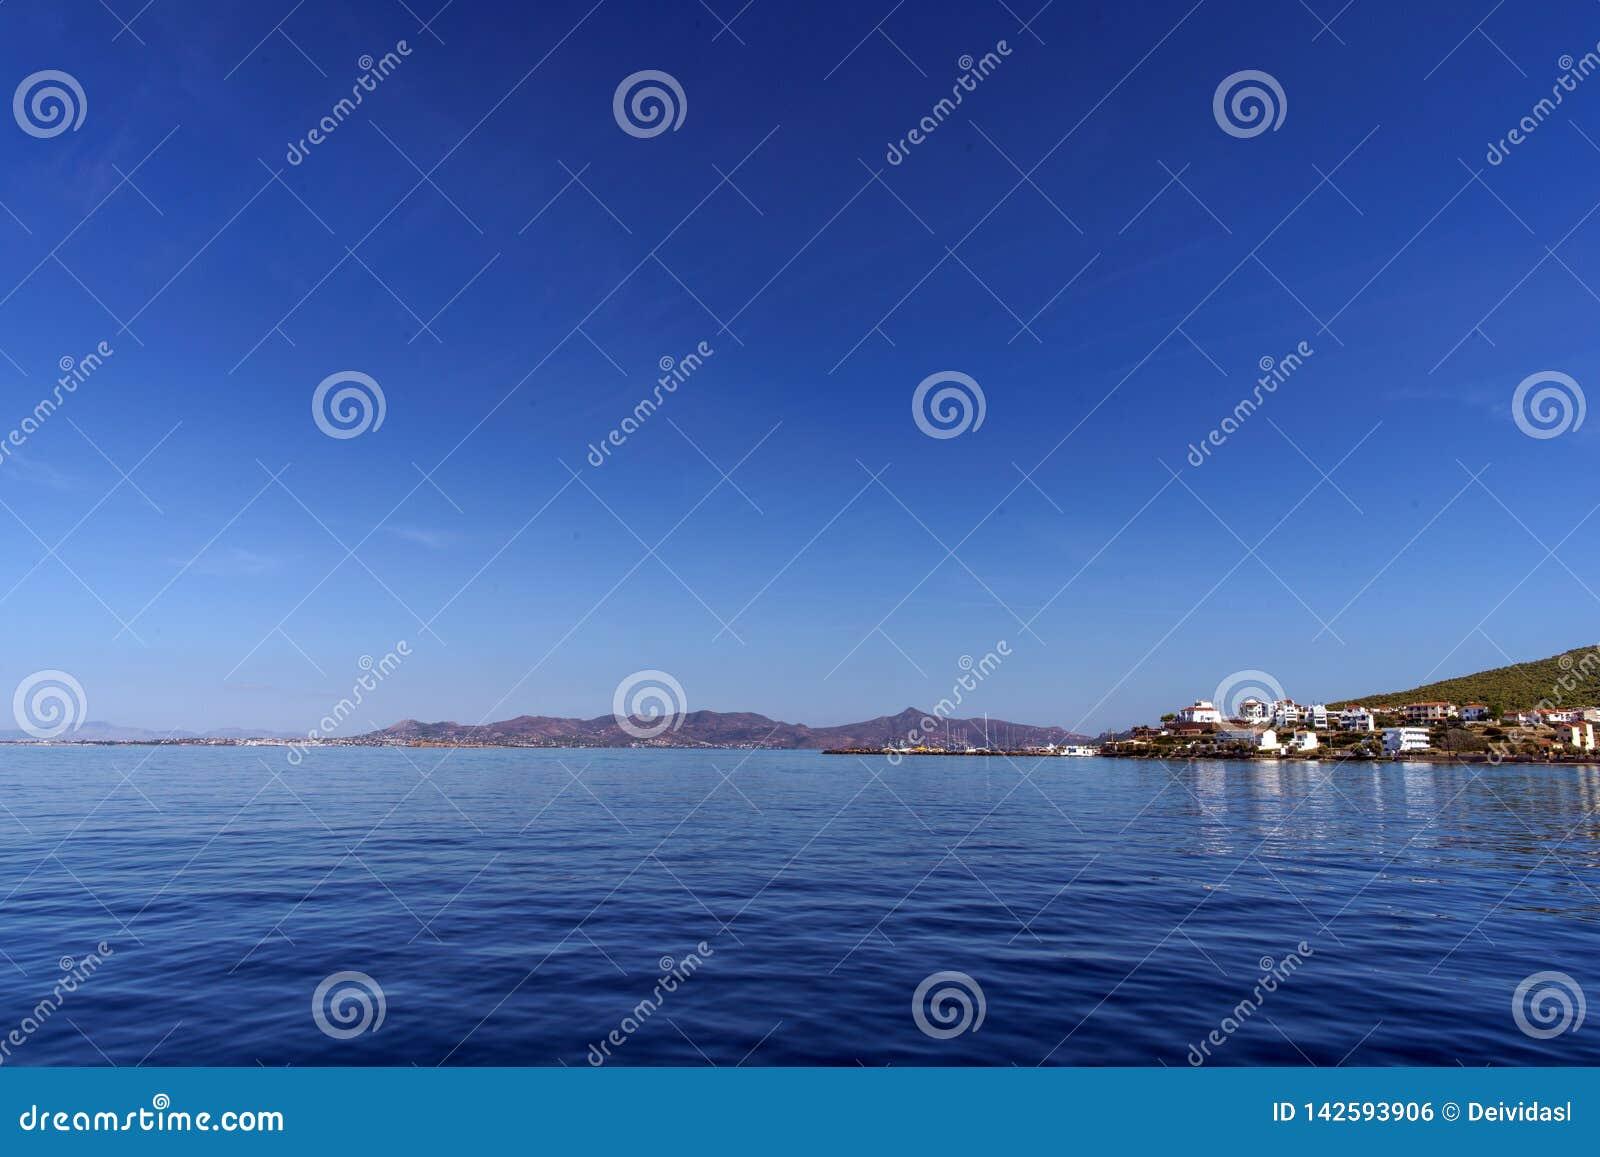 Kleine Griekse stad op een kustlijn